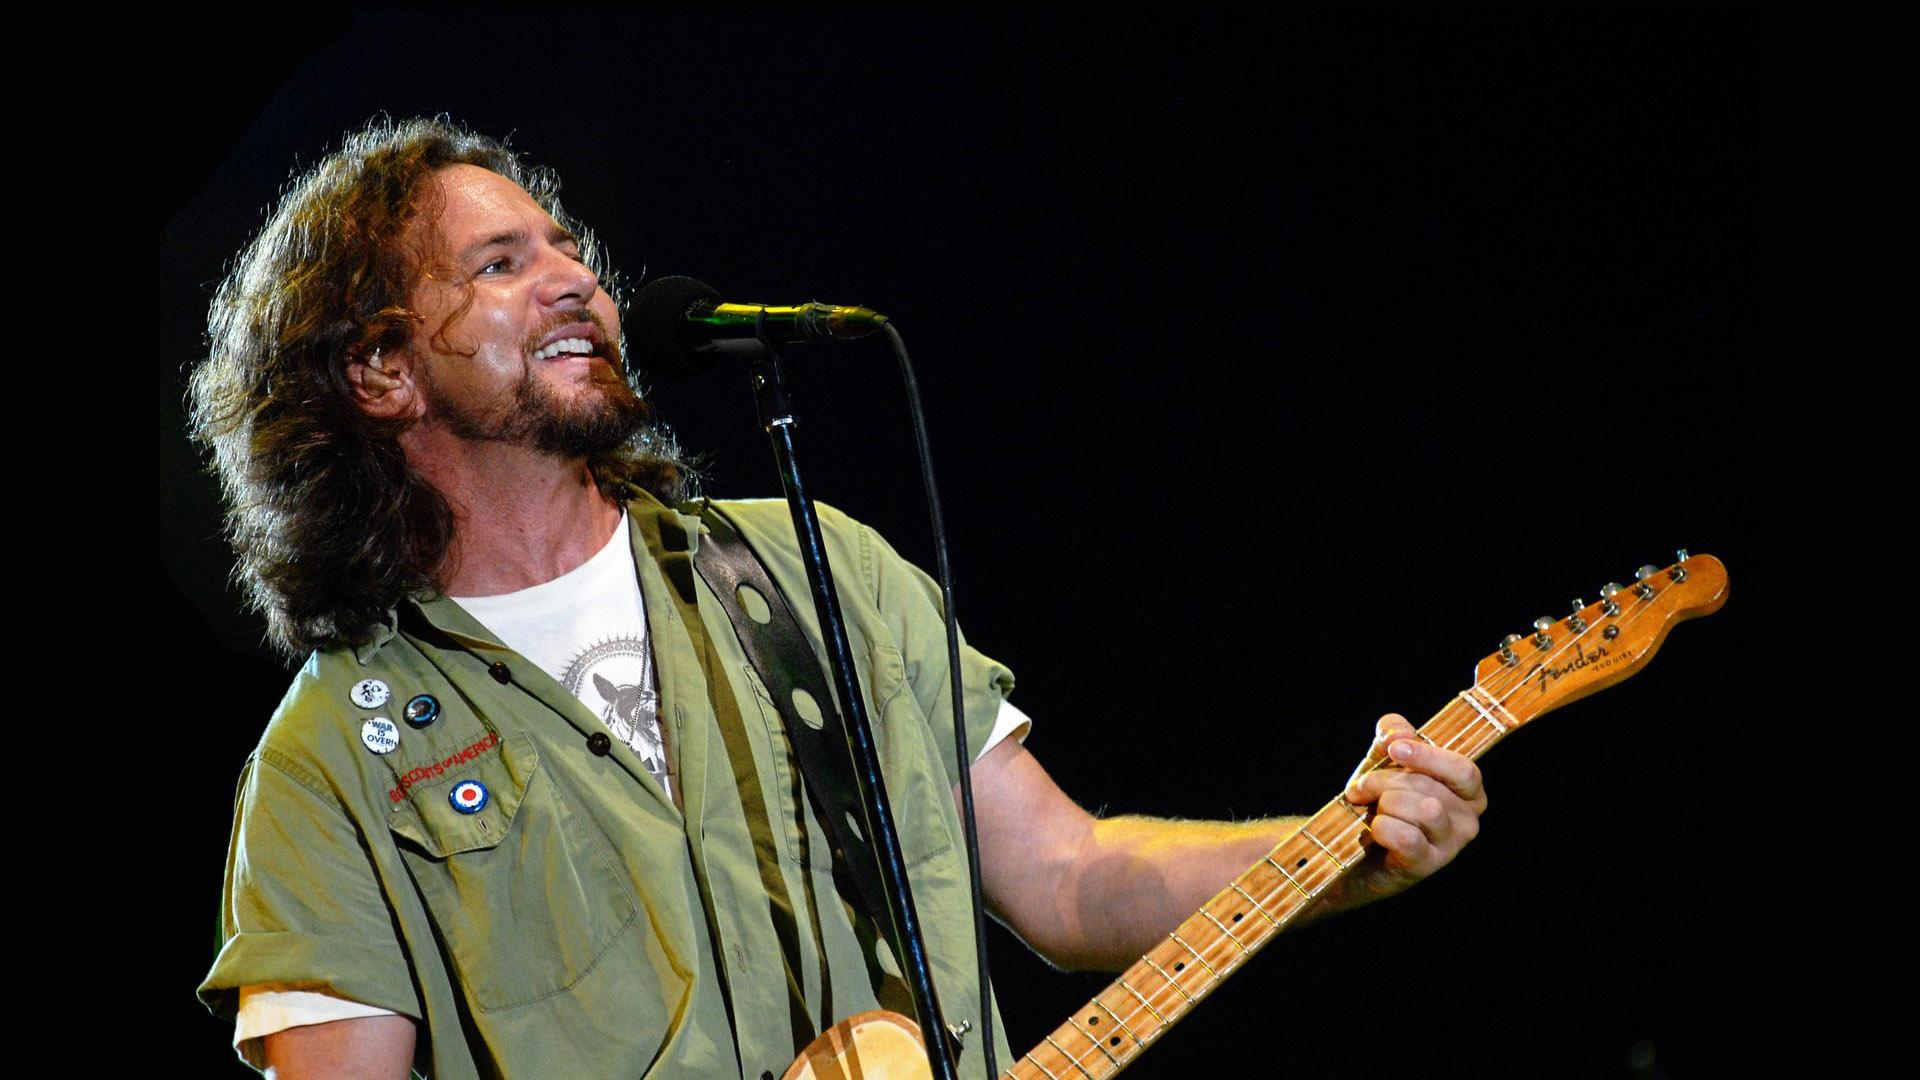 Eddie Vedder Wallpaper   Eddie Vedder Wallpaper 34587172 1920x1080